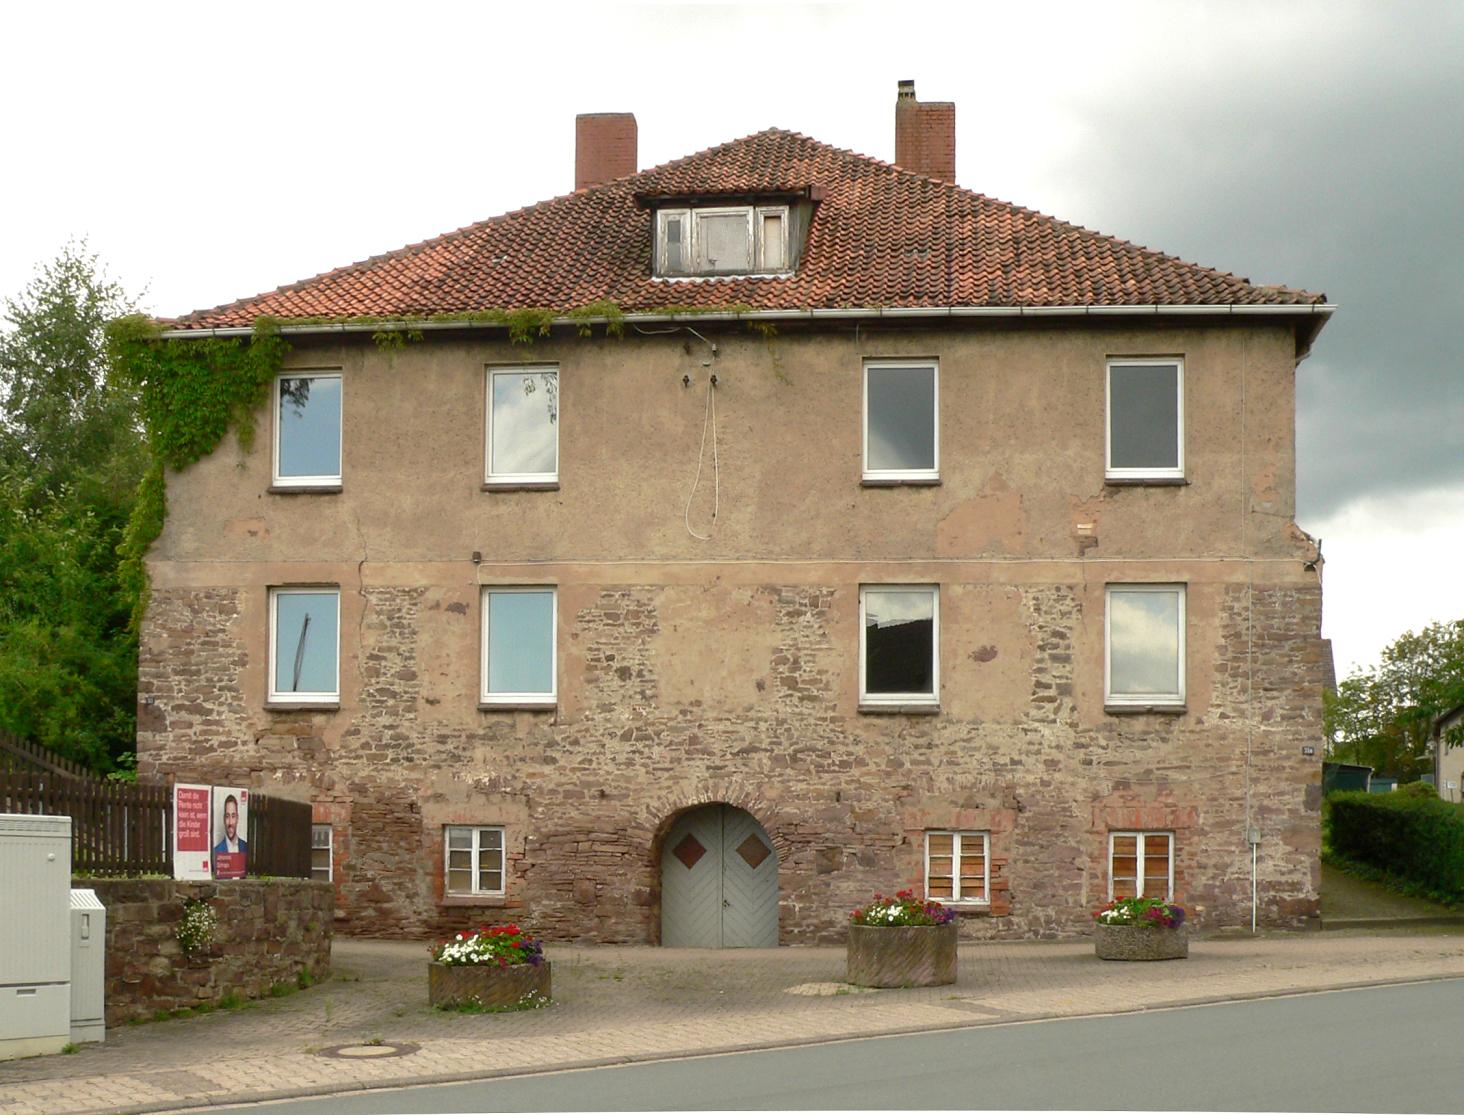 Fassade frontal  Datei:Fürstenberg Altes Brennhaus Fassade frontal.jpg – Wikipedia